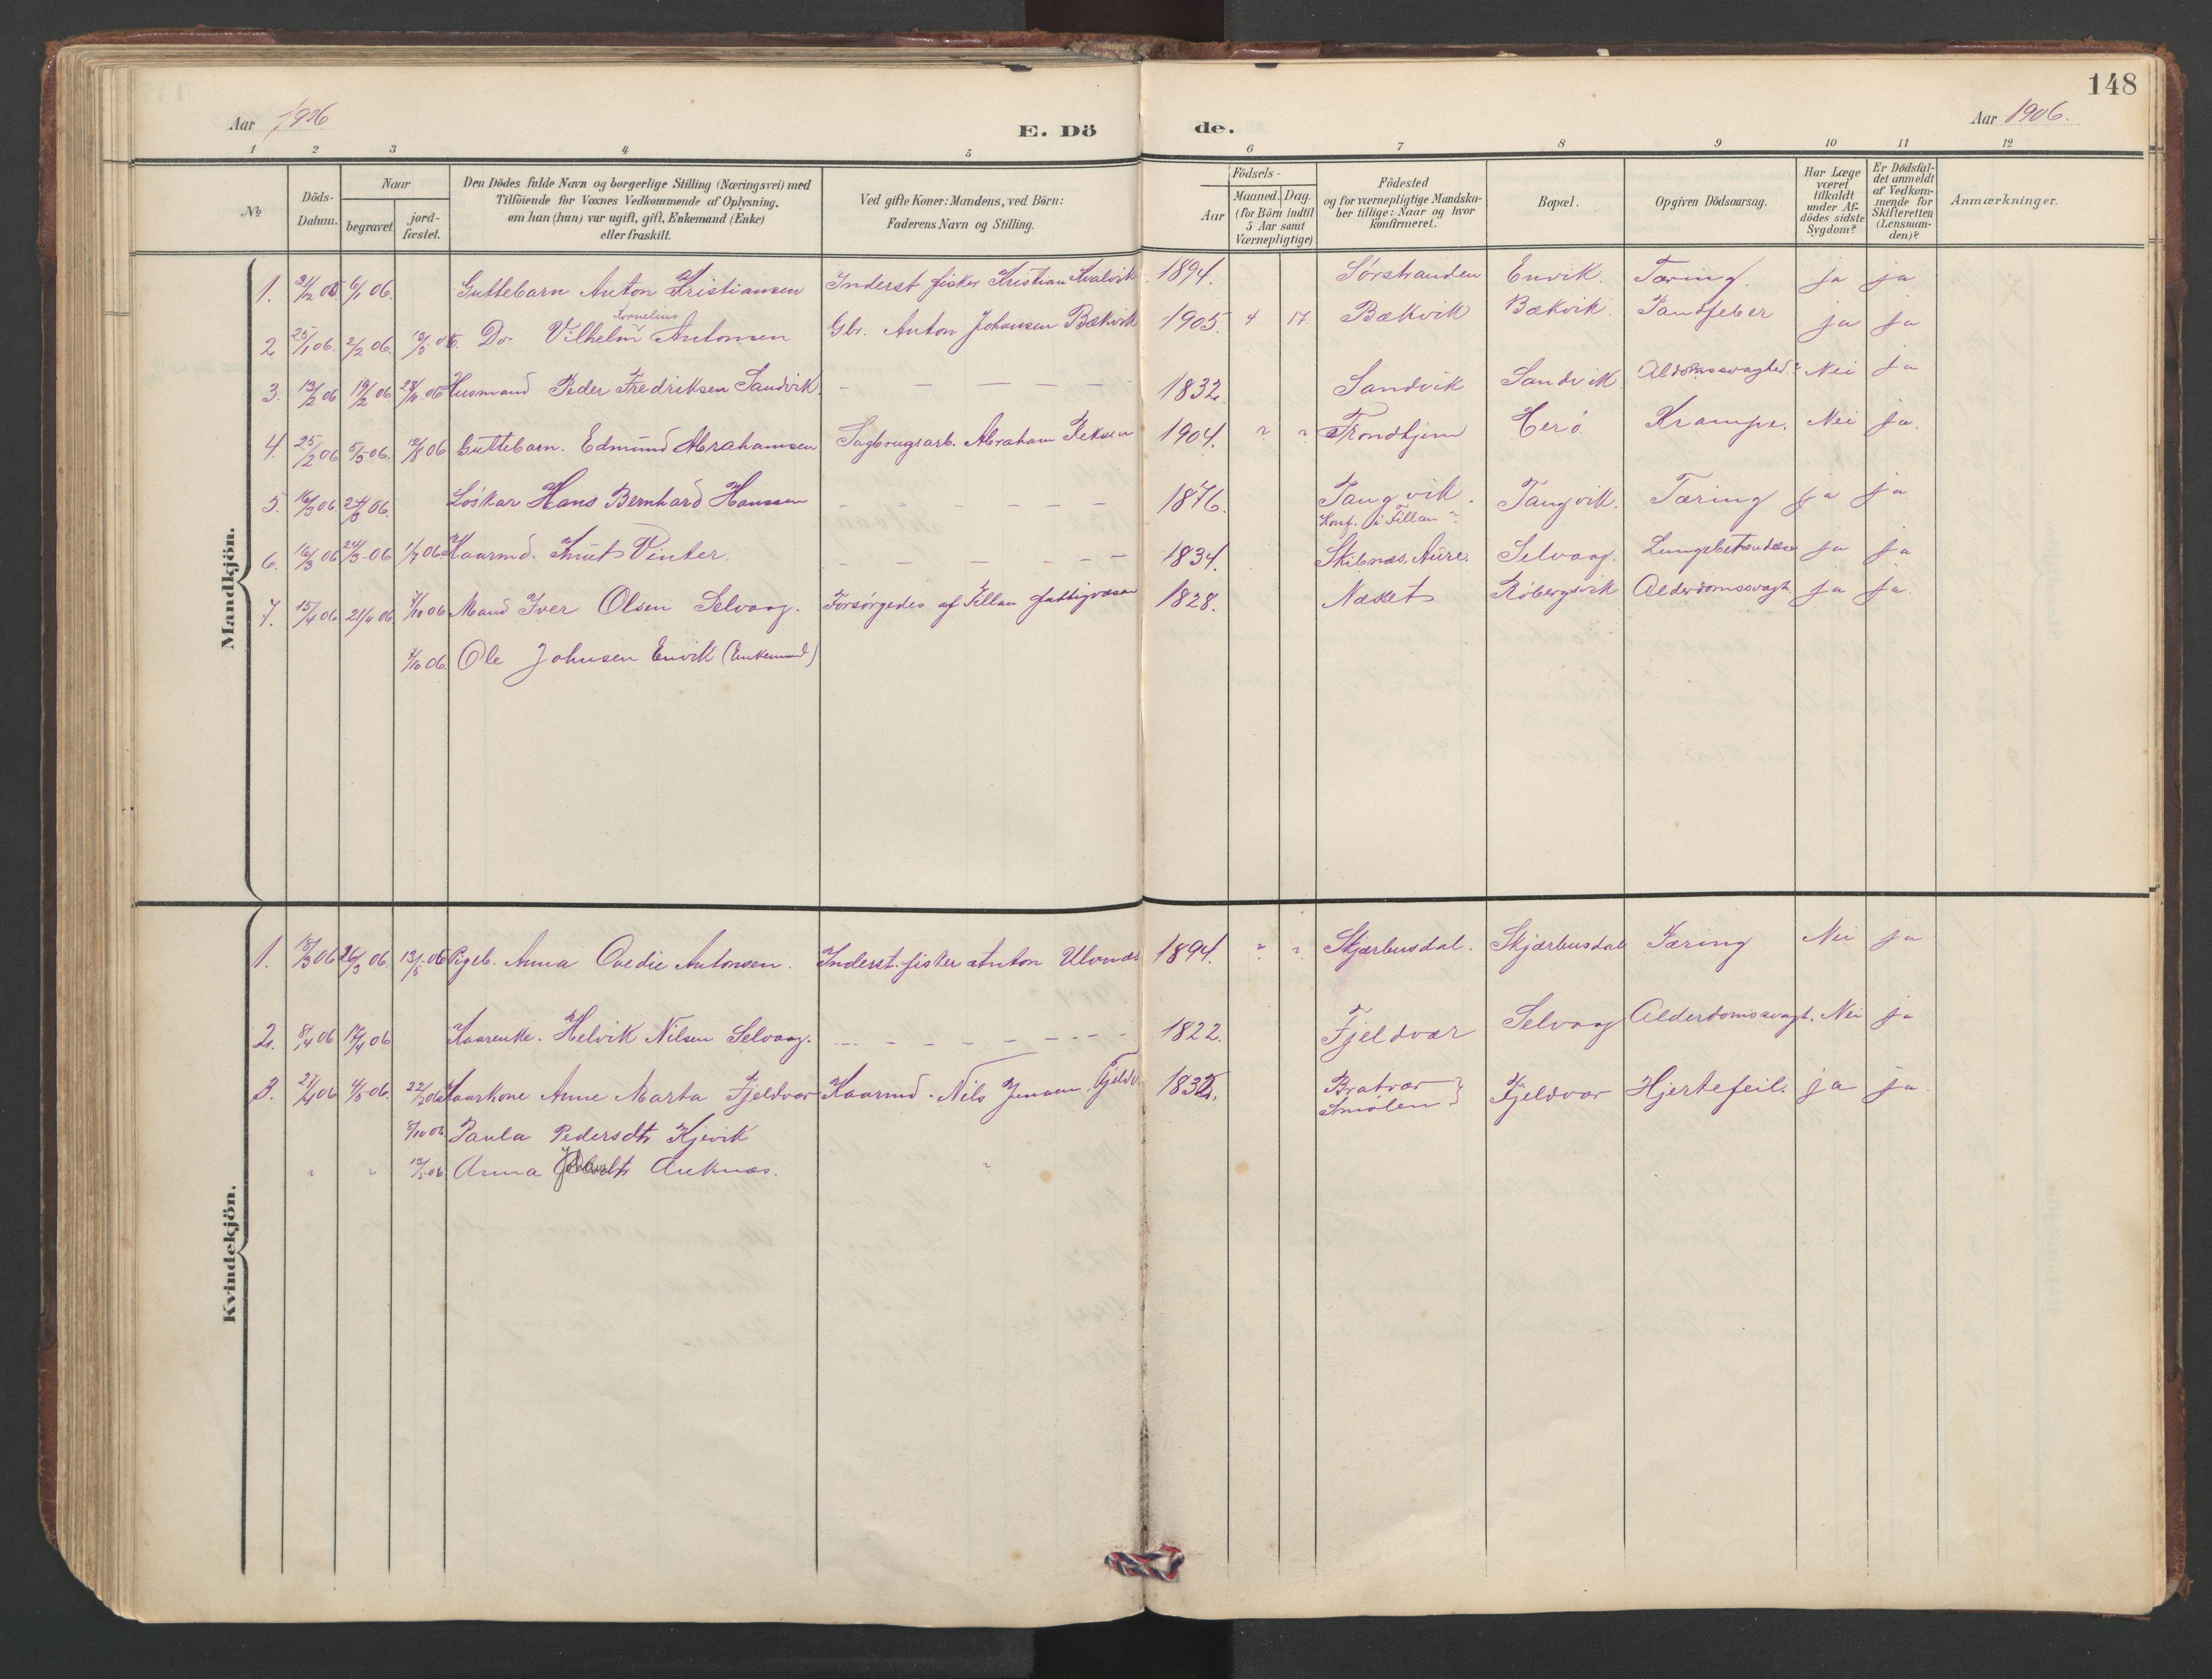 SAT, Ministerialprotokoller, klokkerbøker og fødselsregistre - Sør-Trøndelag, 638/L0571: Klokkerbok nr. 638C03, 1901-1930, s. 148